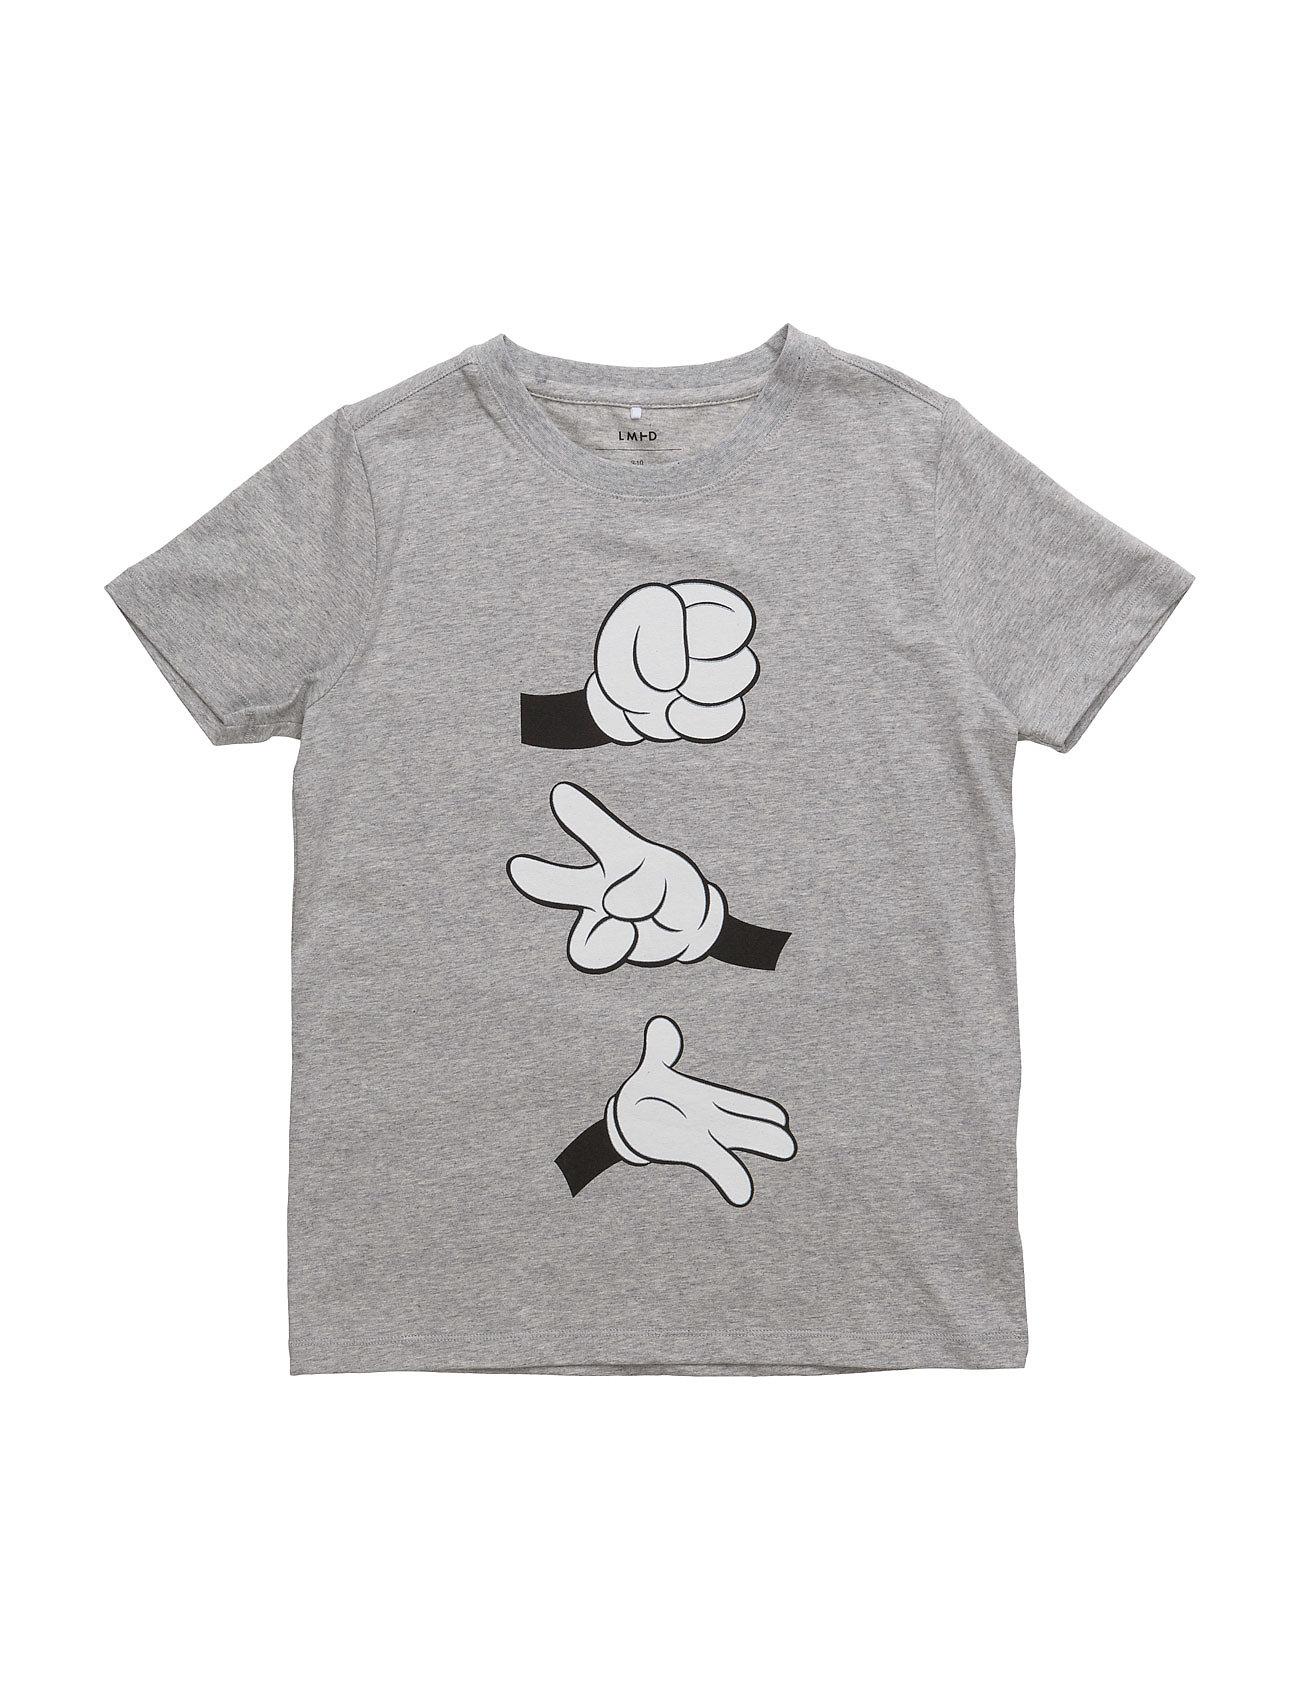 Nitmickey Manly Tee Lmtd Wdi name it Kortærmede t-shirts til Børn i Grey Melange